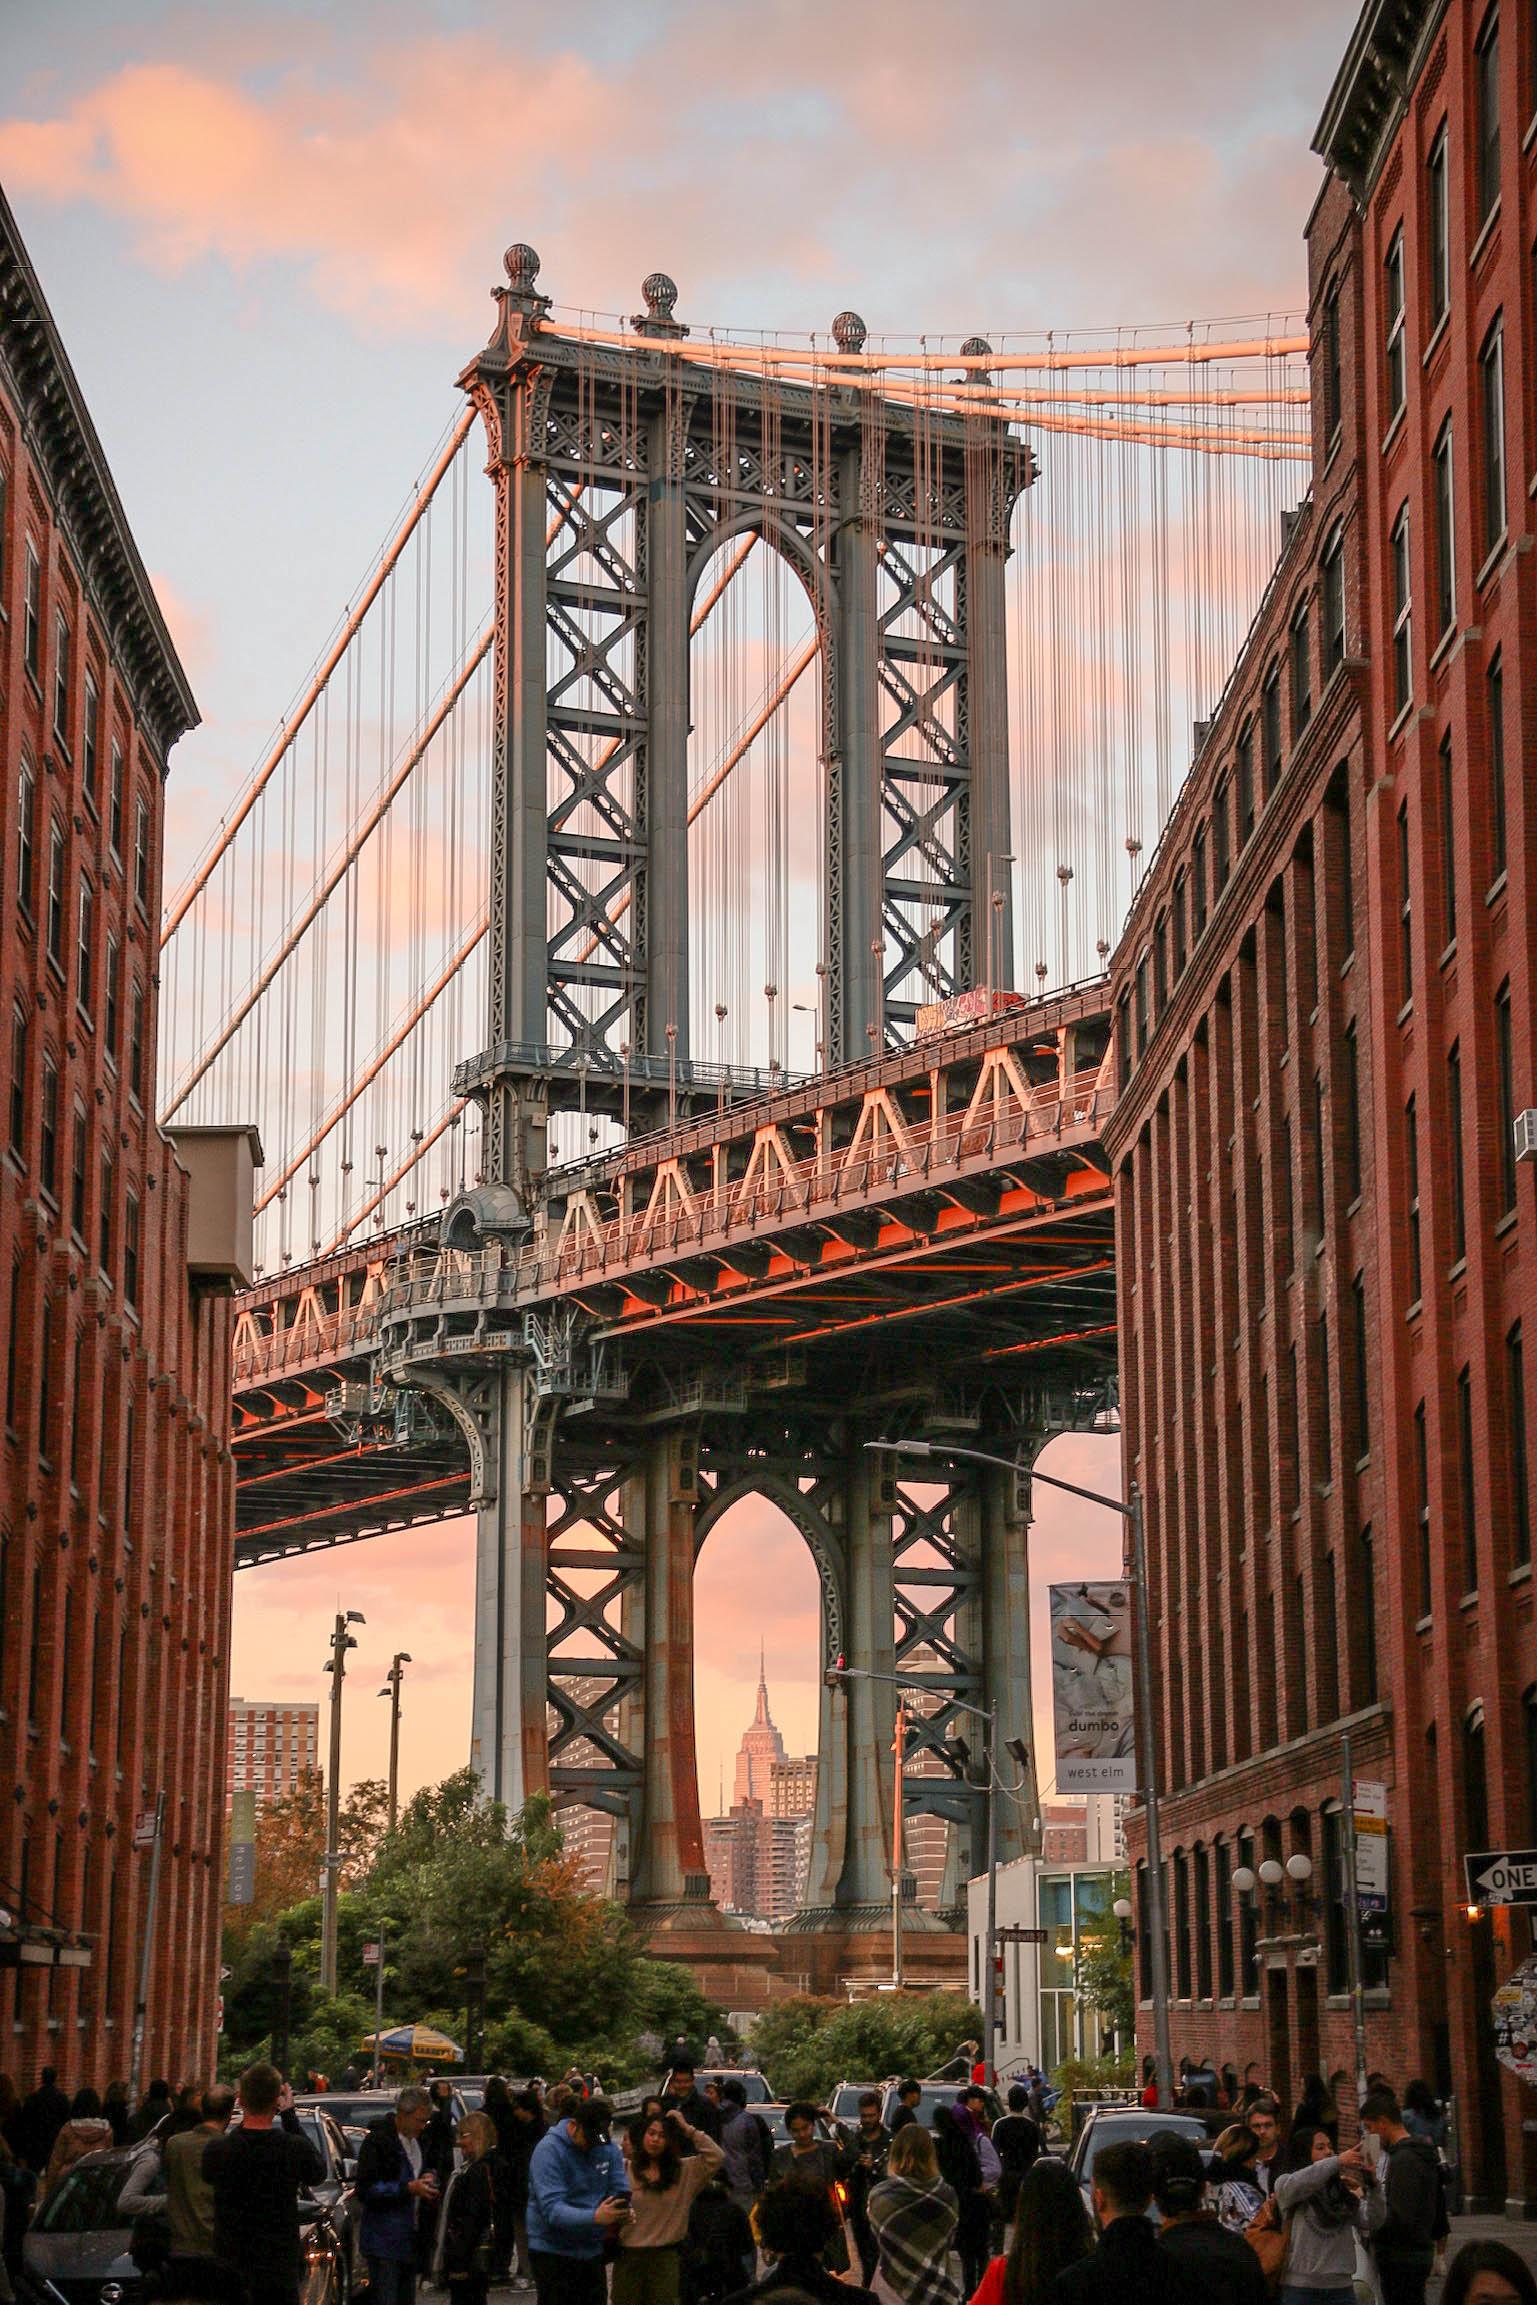 @dmvcollins9 - Brooklyn, NY